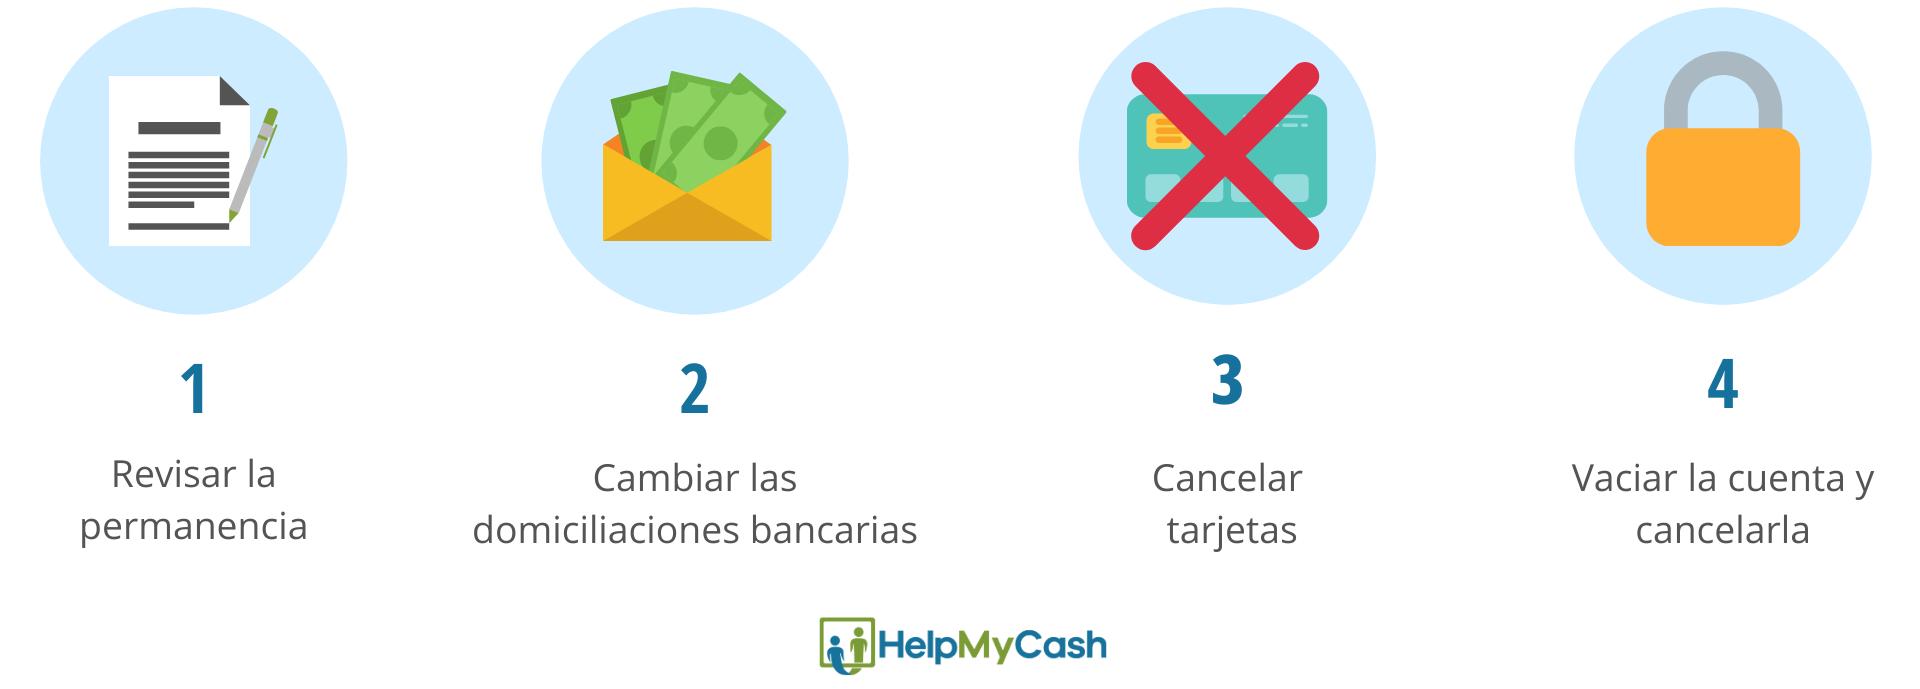 Antes de cambiar de banco: 1- Revisa la permanencia. 2- cambiar la domiciliaciones bancarias. 3- cancelar tarjetas.4-vaciar la cuenta y cancelarla